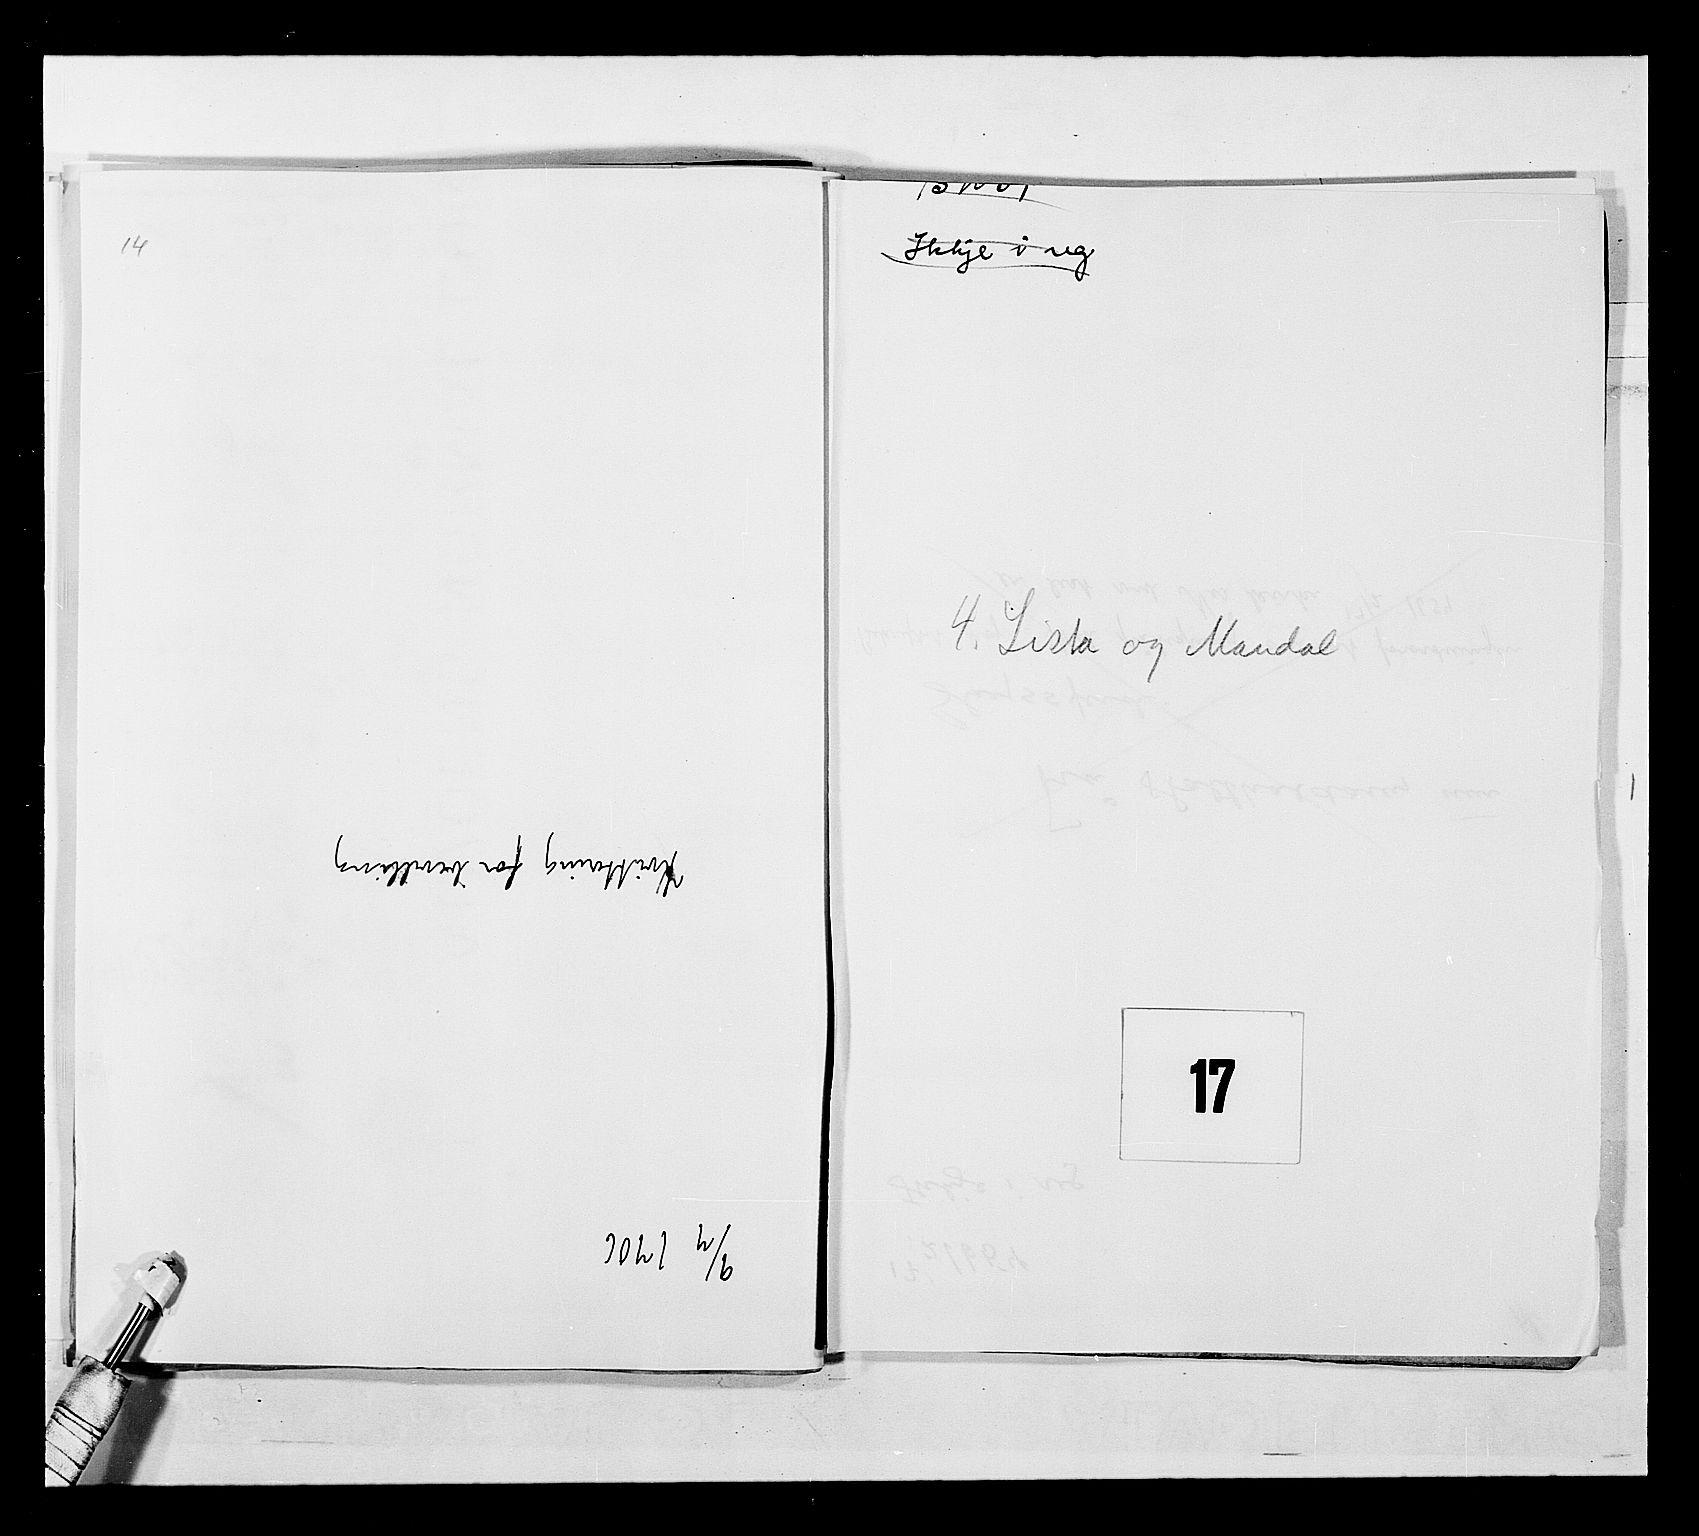 RA, Stattholderembetet 1572-1771, Ek/L0040: Jordebøker o.a. 1720-1728 vedkommende krongodset:, 1726-1727, s. 69